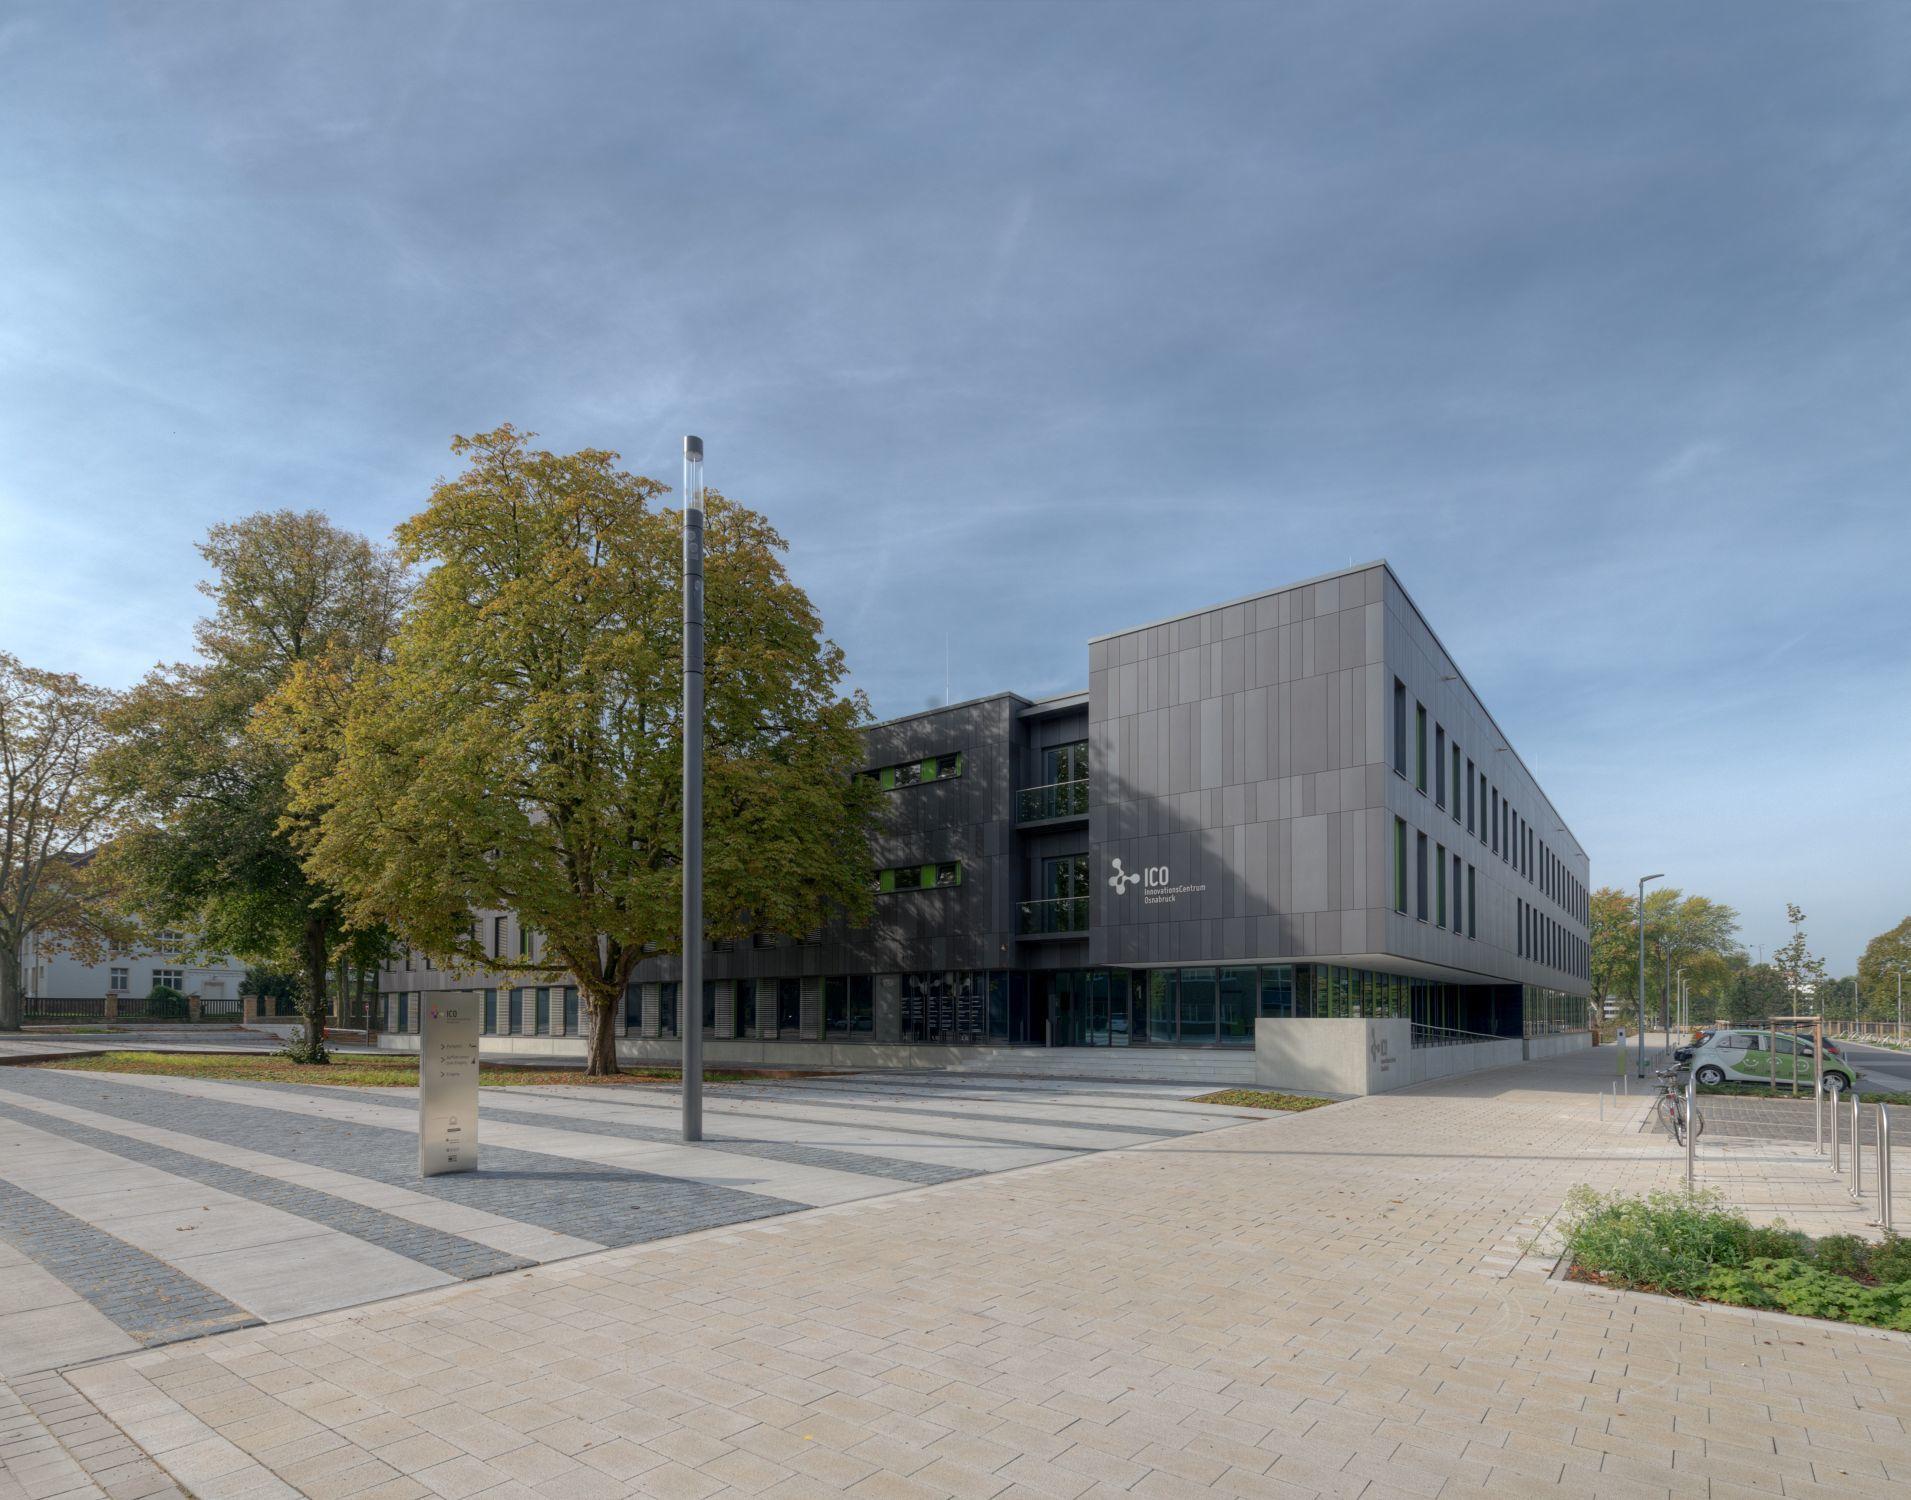 Foto: Jörg Albano-Müller, Münster